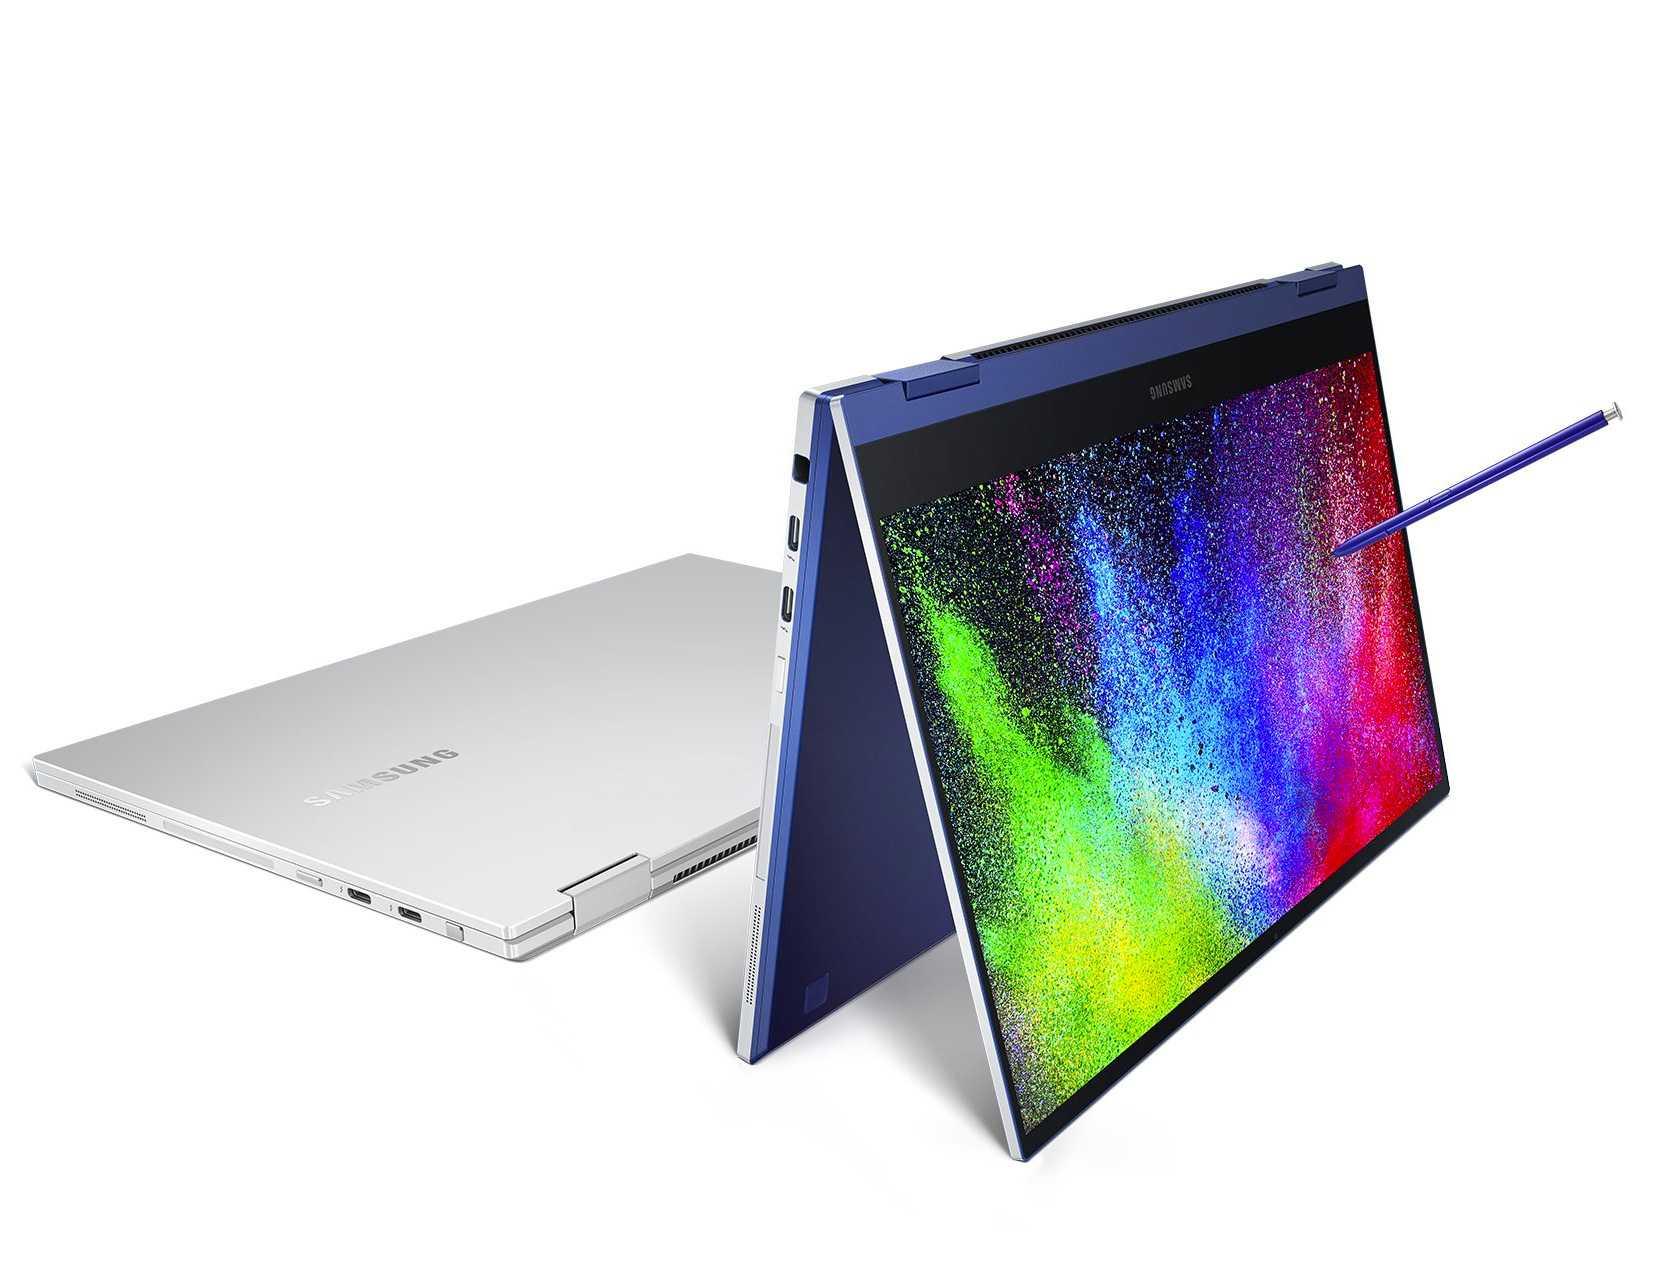 Galaxy book ion против macbook air 2020: сможет ли samsung победить студенческого чемпиона?